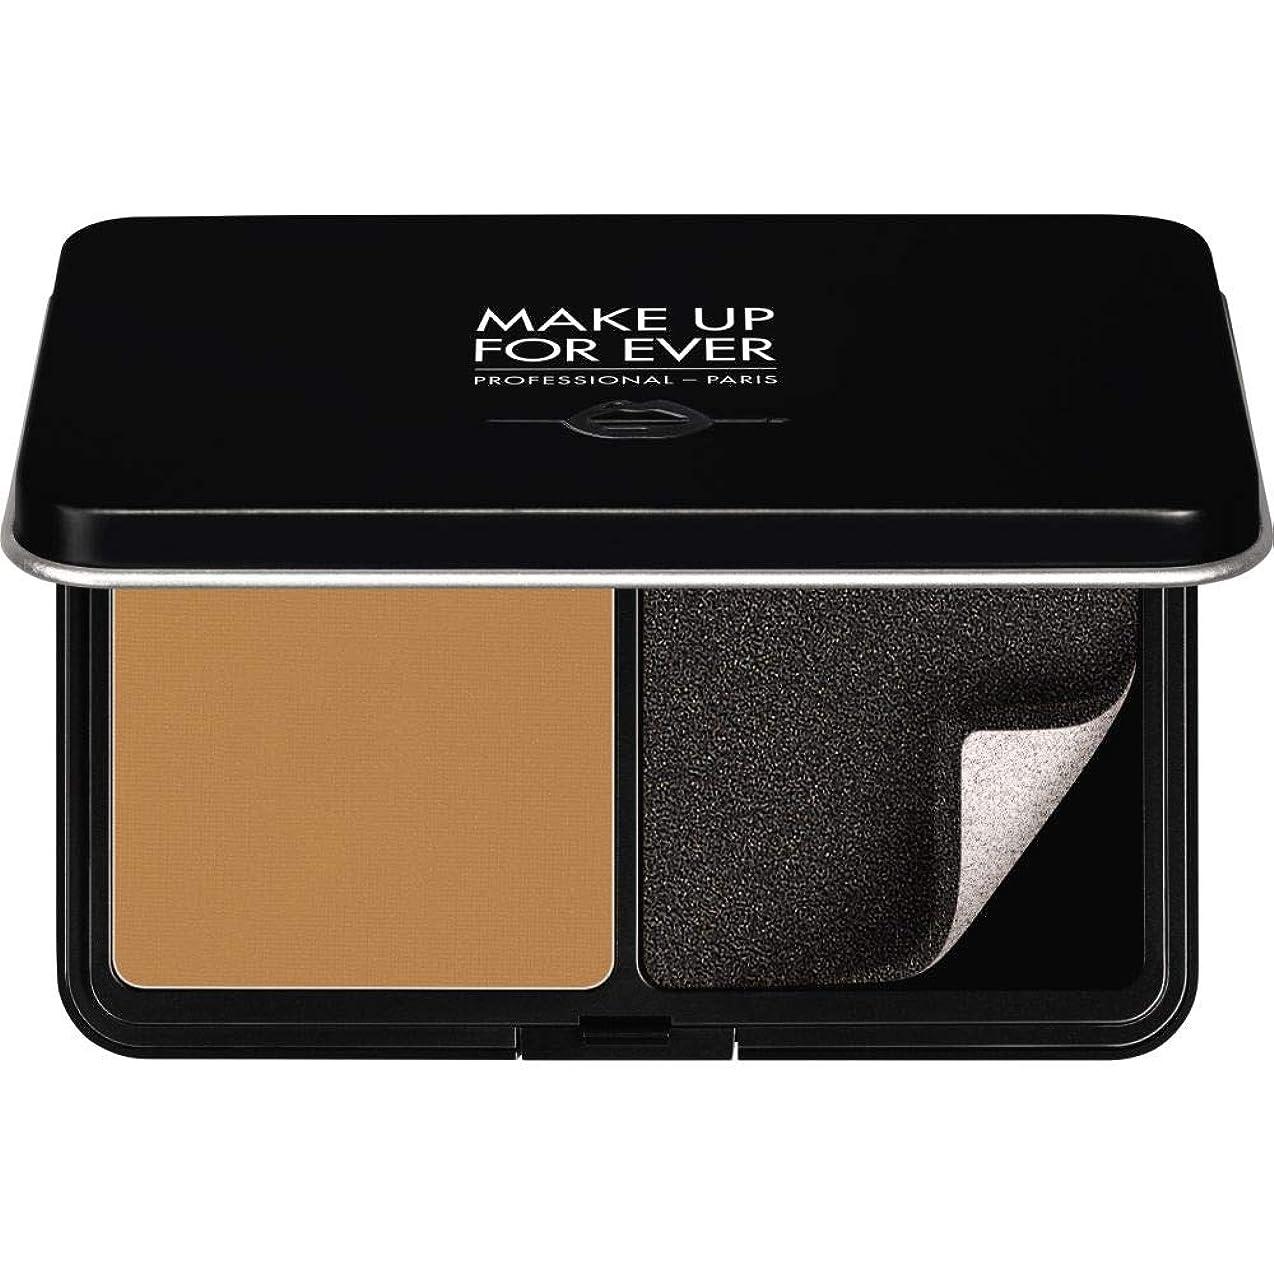 期待して異なる然とした[MAKE UP FOR EVER ] パウダーファンデーション11GののY455をぼかし、これまでマットベルベットの肌を補う - プラリネ - MAKE UP FOR EVER Matte Velvet Skin Blurring Powder Foundation 11g Y455 - Praline [並行輸入品]